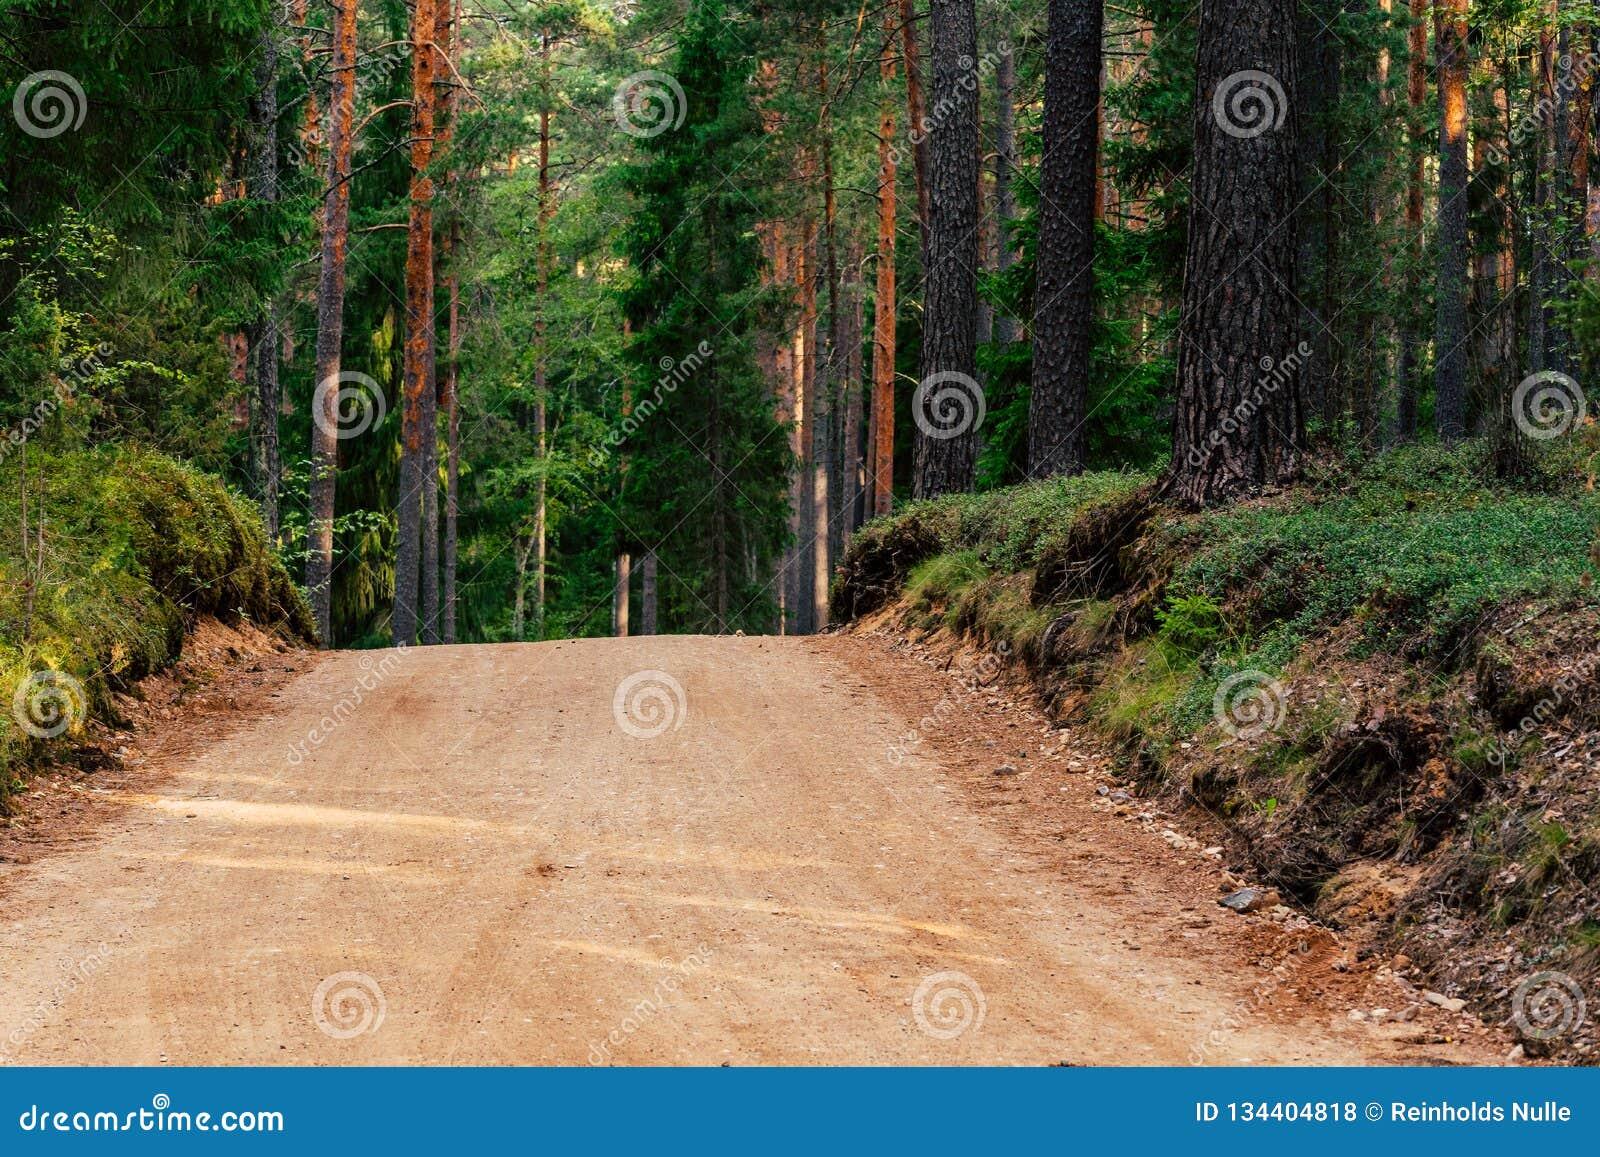 Άποψη του δασικού δρόμου, τίτλος βαθύτερος στα ξύλα